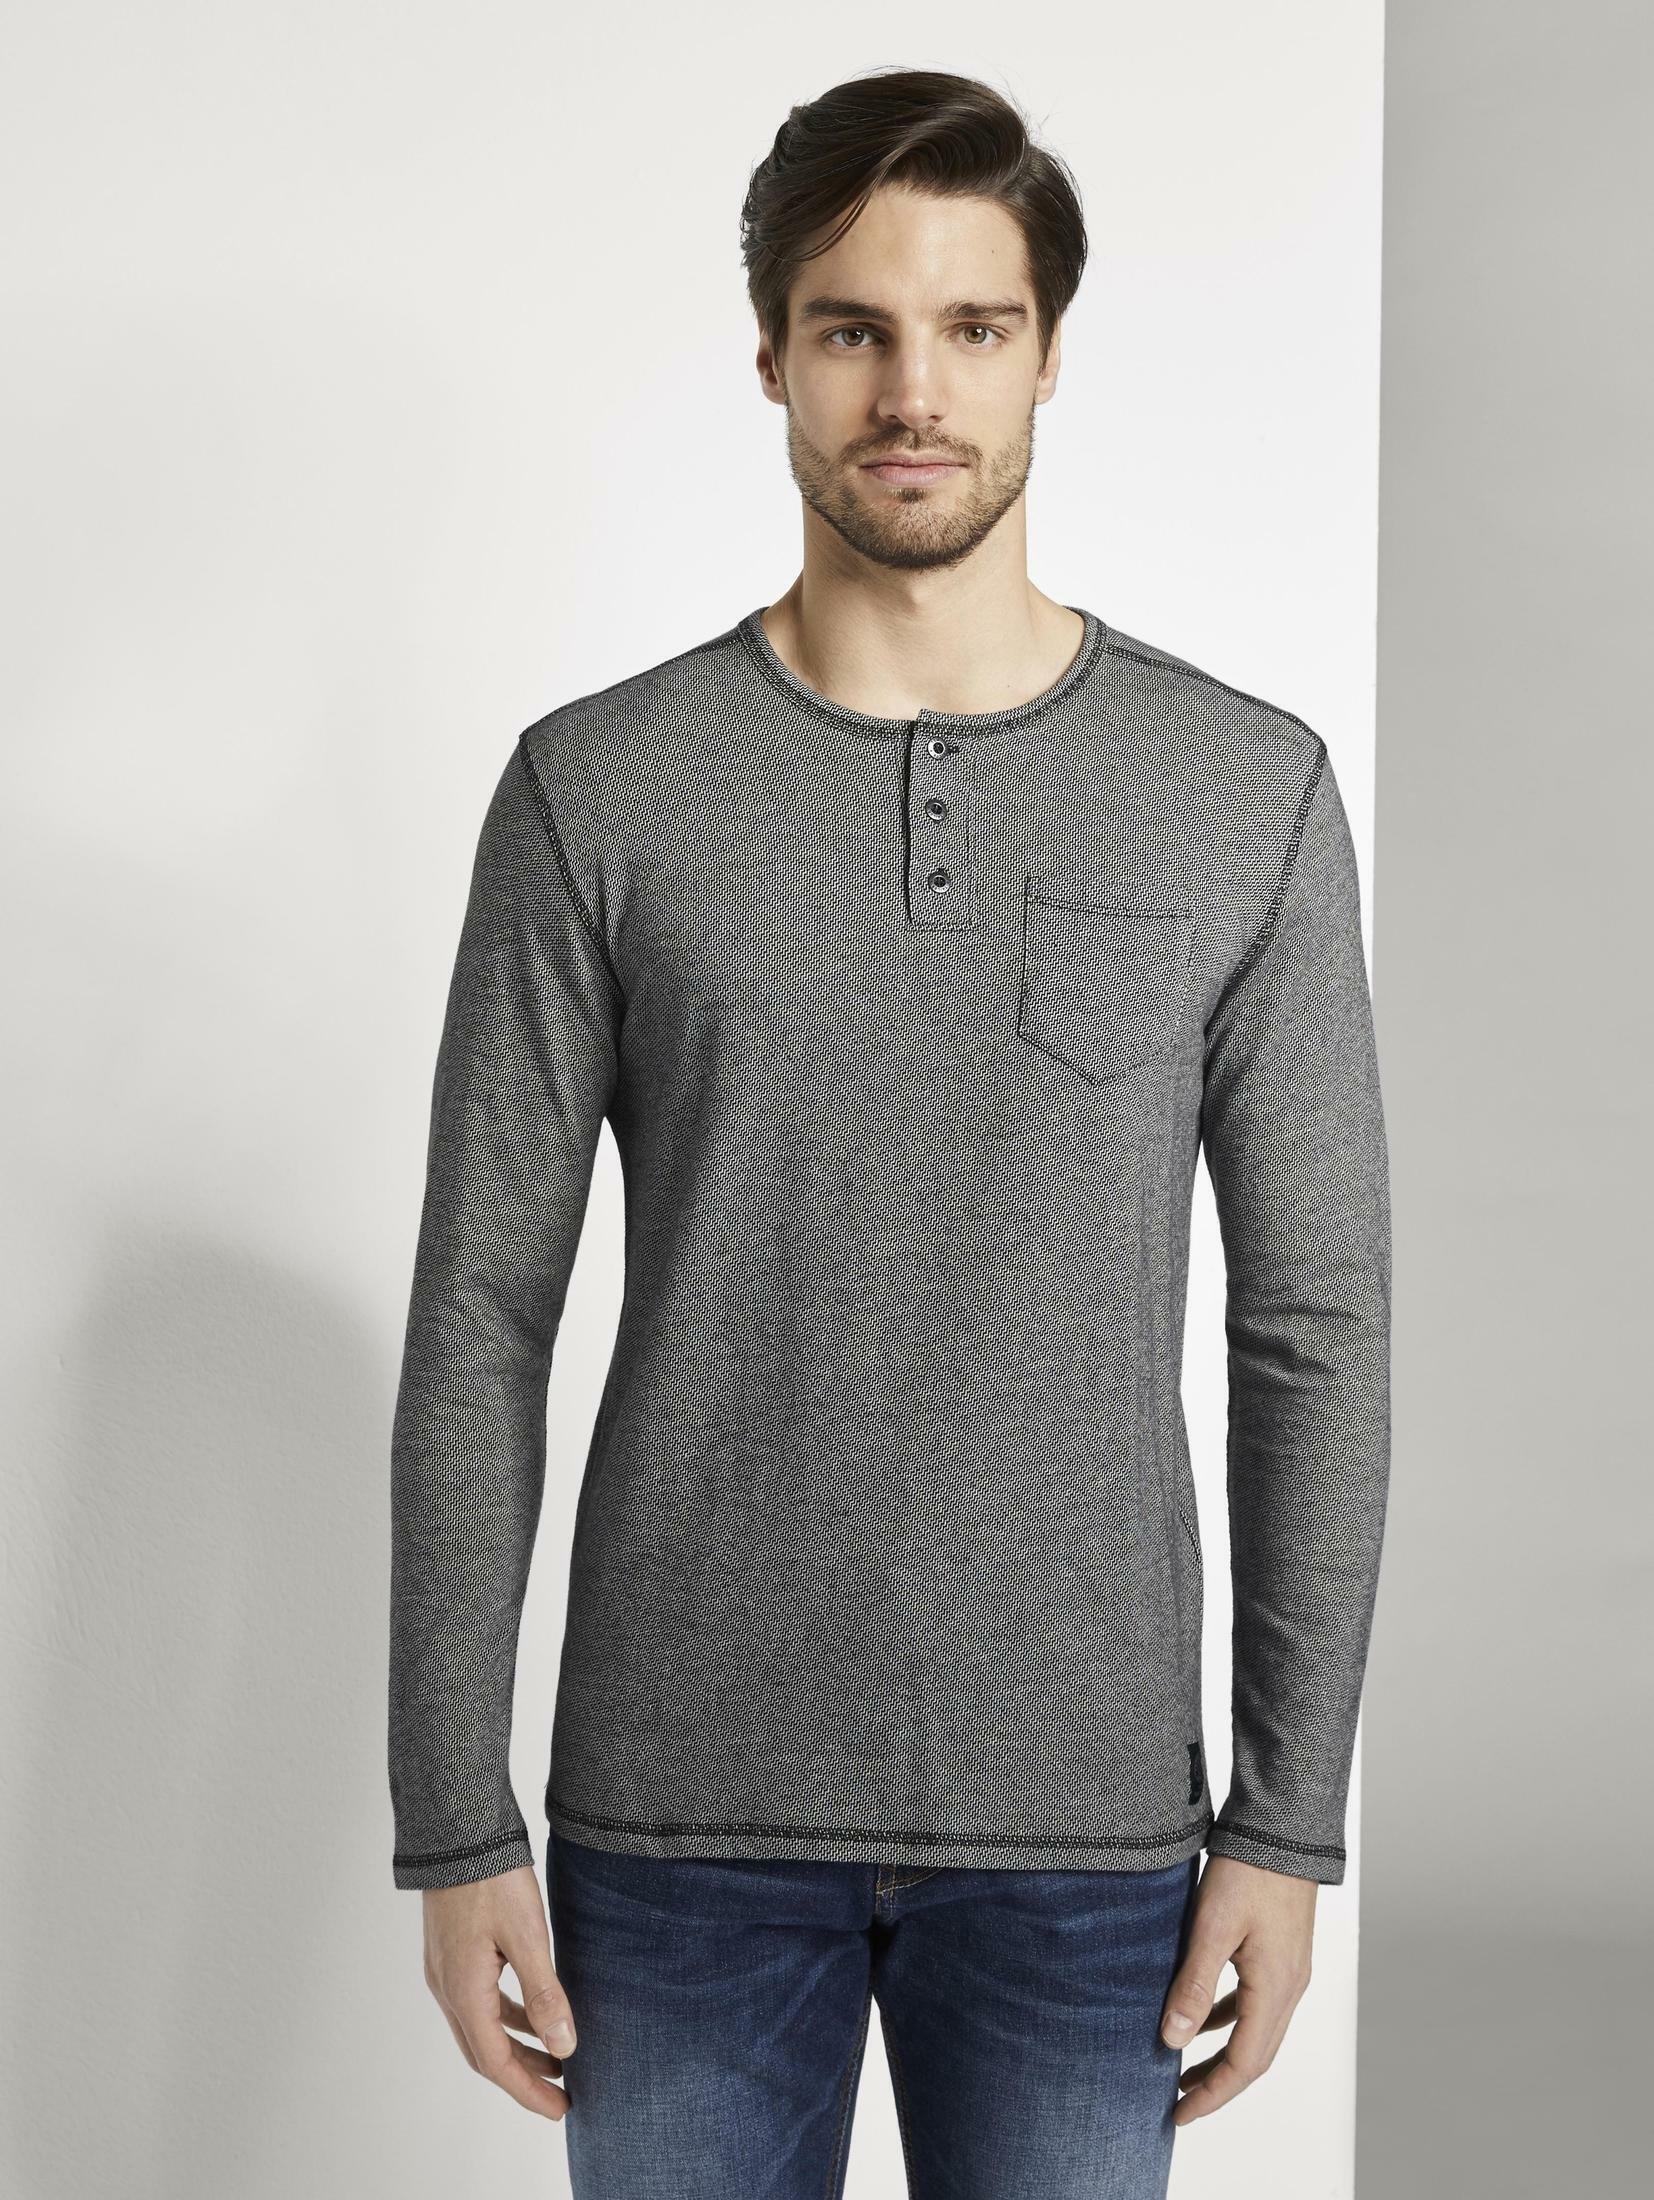 TOM TAILOR shirt met lange mouwen »Langarmshirt im Henley-Stil« bestellen: 30 dagen bedenktijd